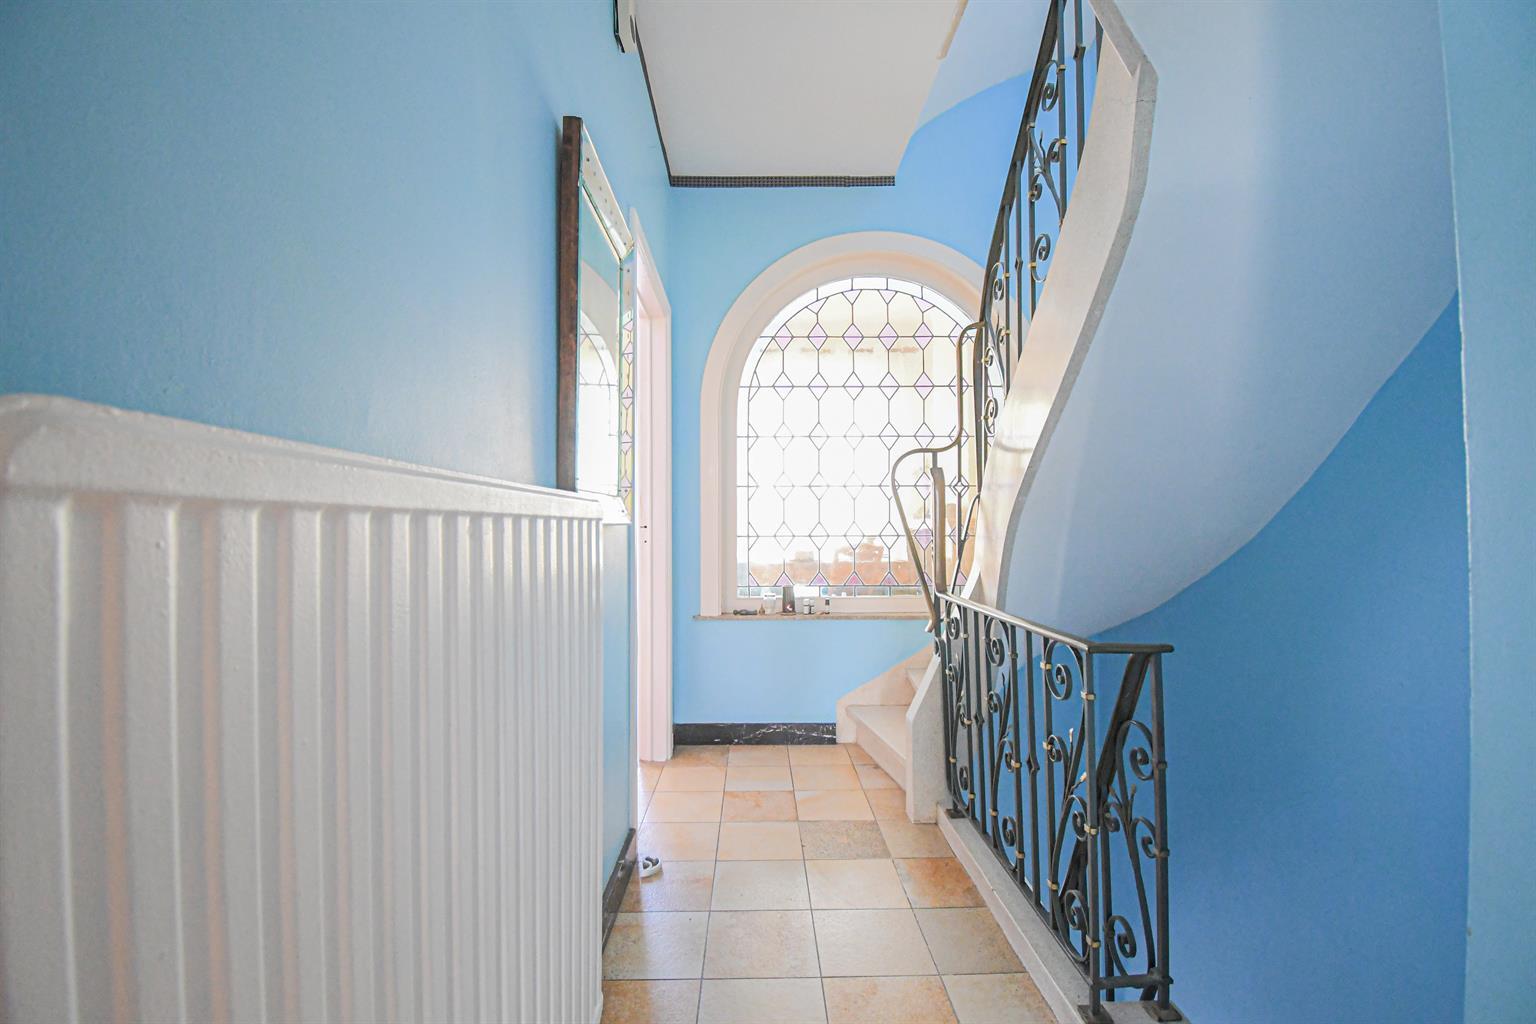 Bel-étage - Tubize - #4499957-5